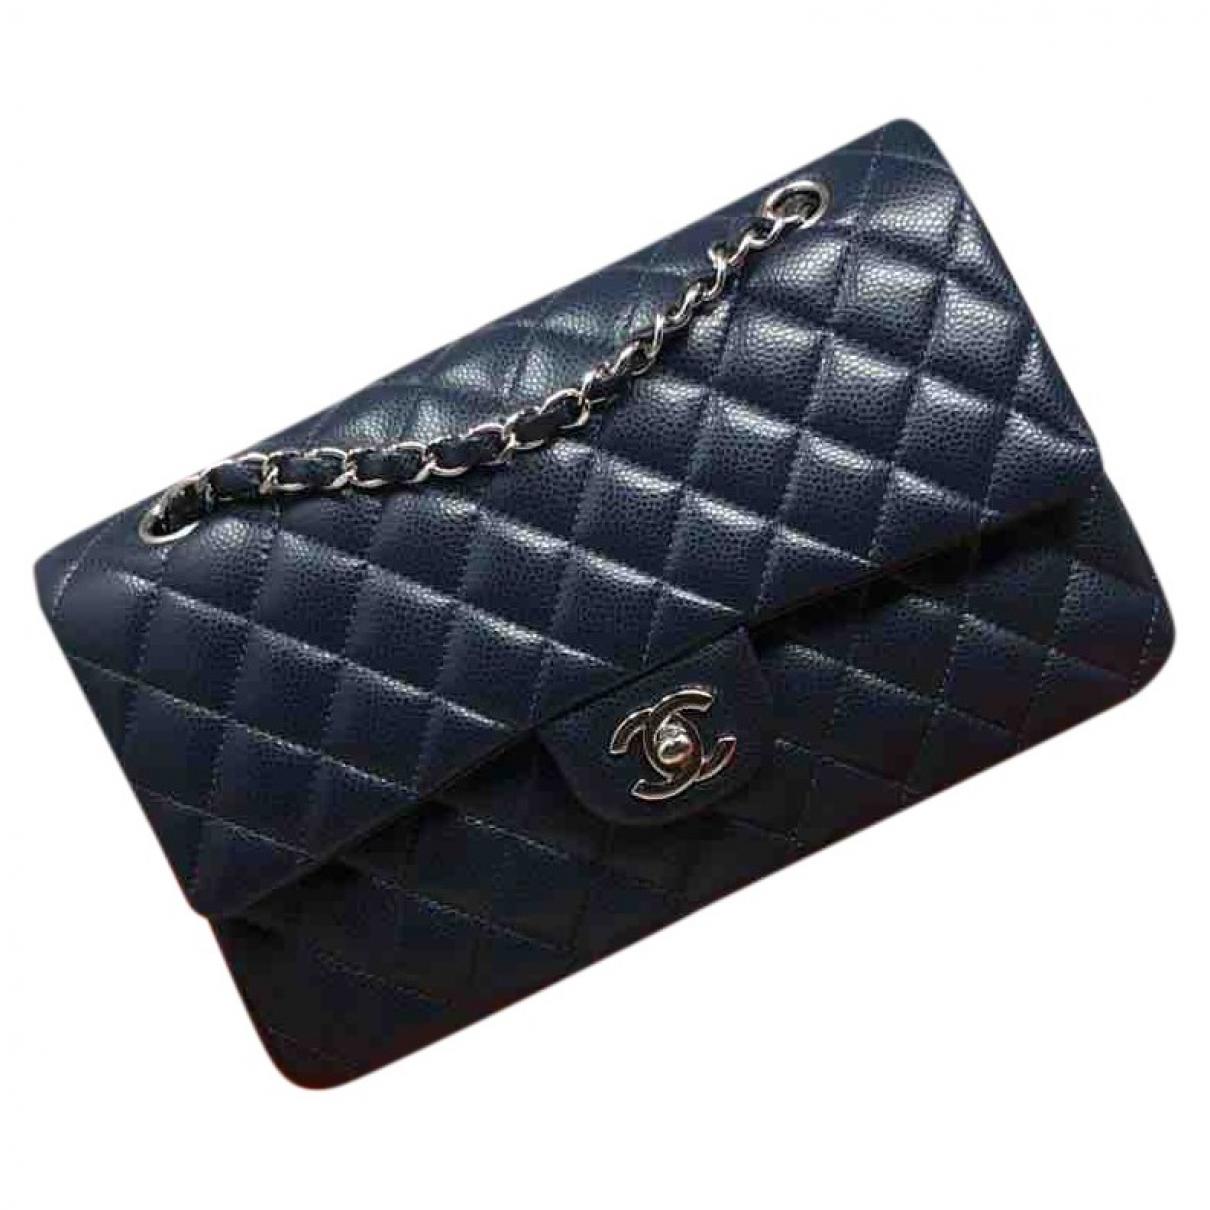 Chanel - Sac a main Timeless/Classique pour femme en cuir - bleu